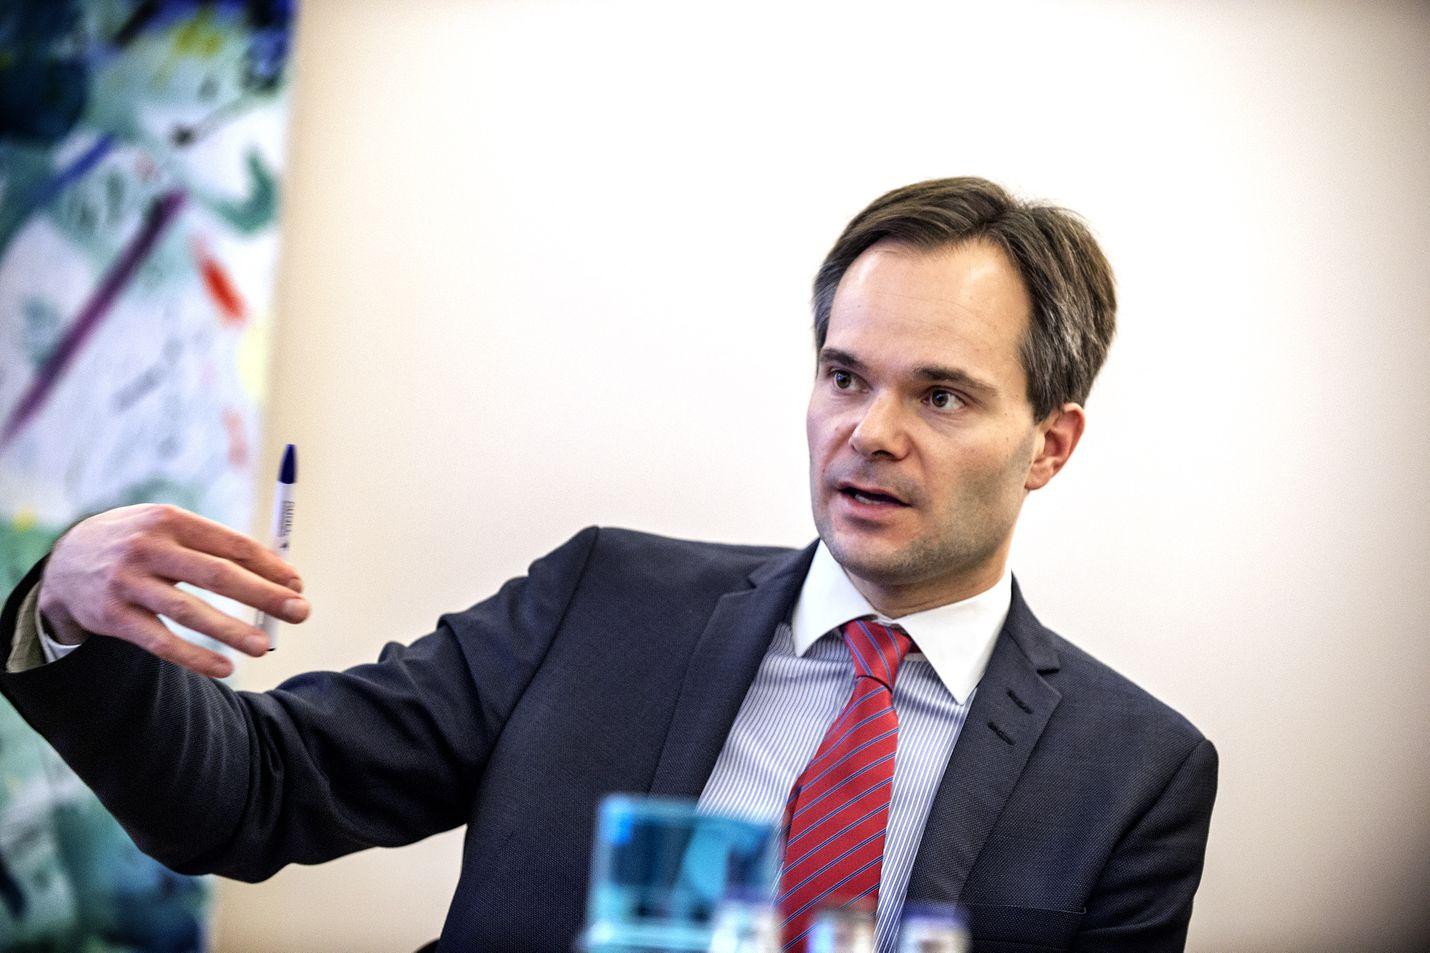 Sisäministeri Kai Mykkänen aikoo selvittää Valviran ja poliisiylijohdon kanssa, toimiiko hoivakotien valvontaketju parhaalla mahdollisella tavalla.